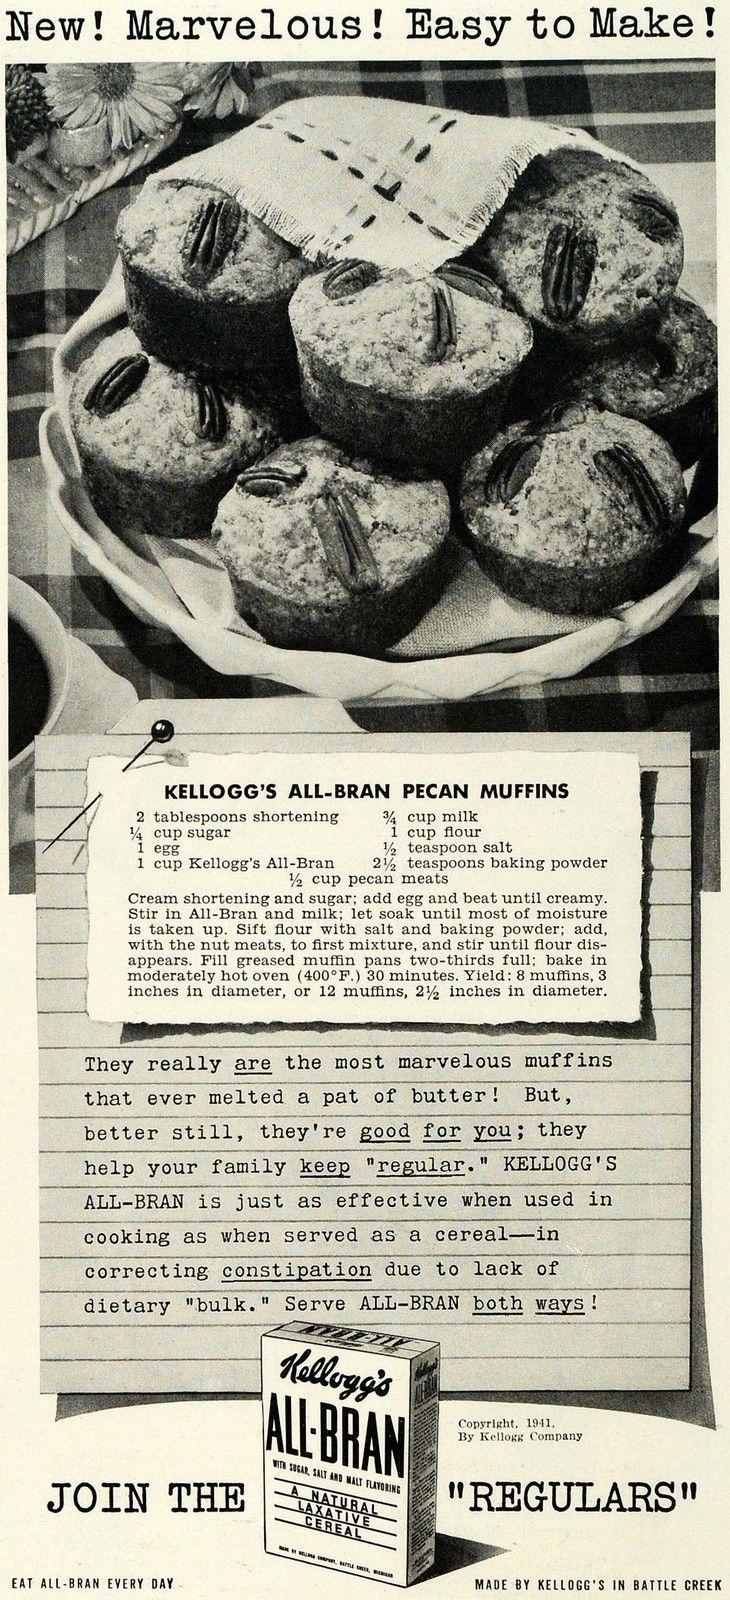 All Bran Muffins  Ils sont simples et délicieux Olivier a bcp aimé (doubler la recette et ajouter des dattes hachées sur le dessus) 12 muffins